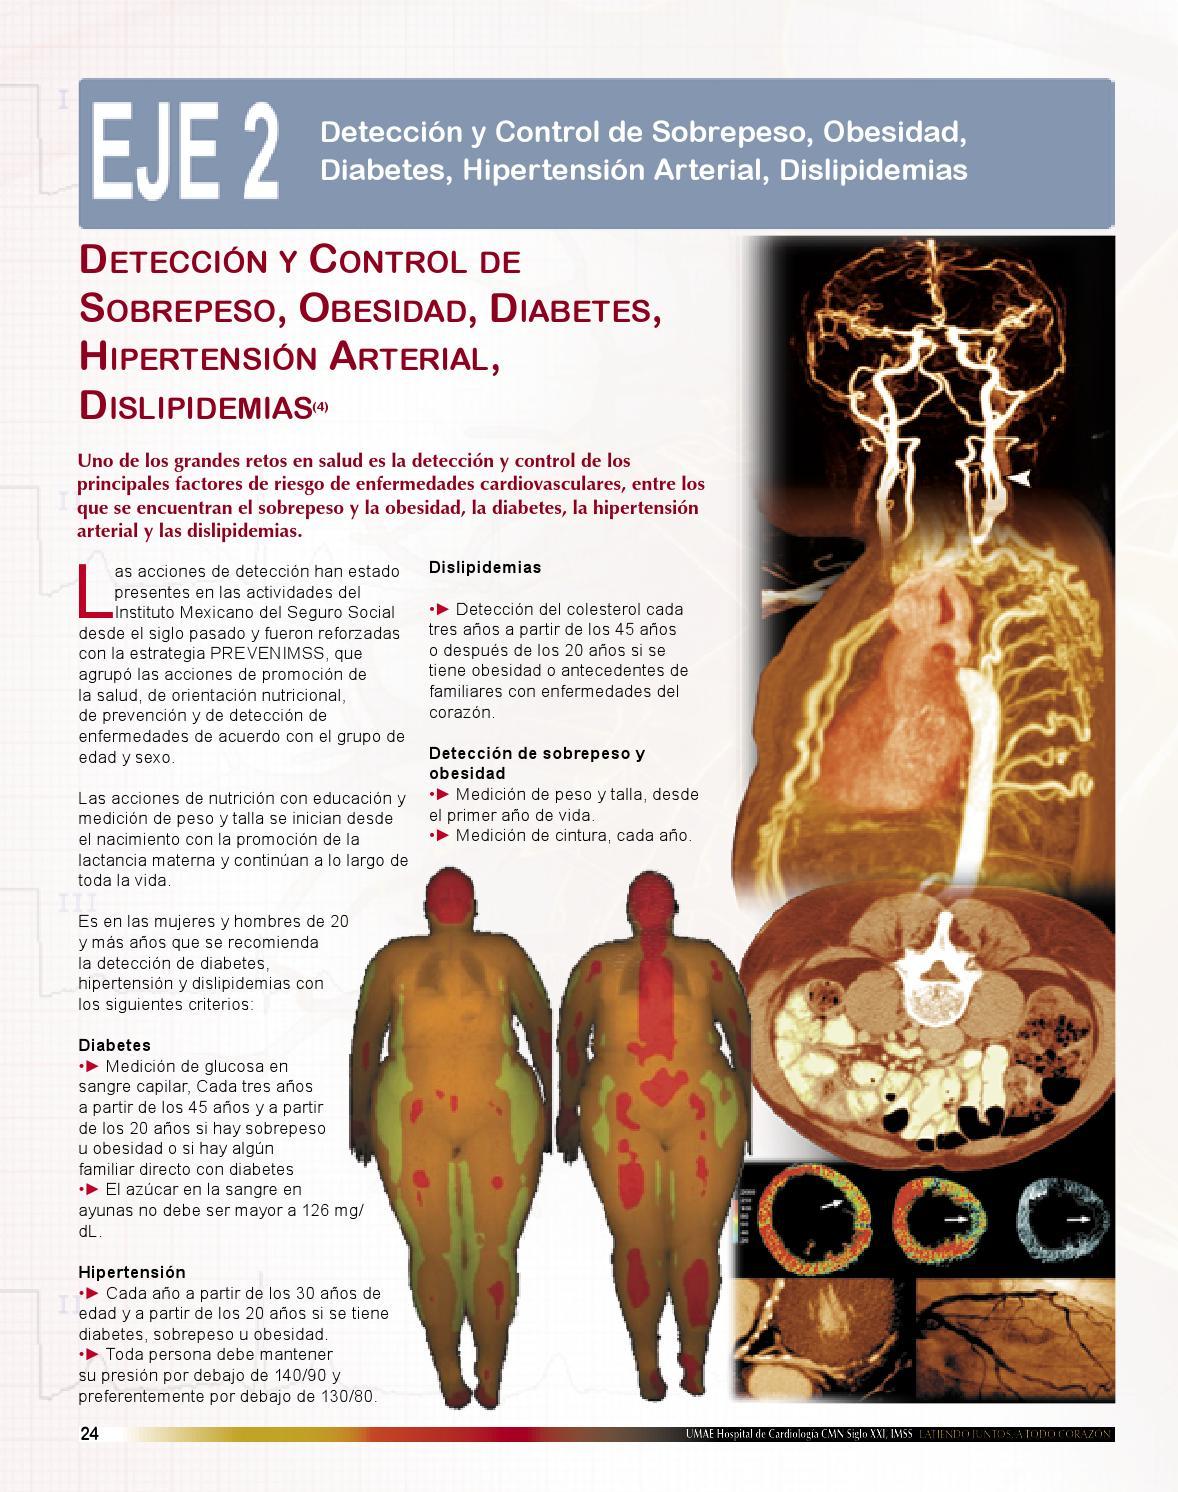 hipertension obesidad y diabetes